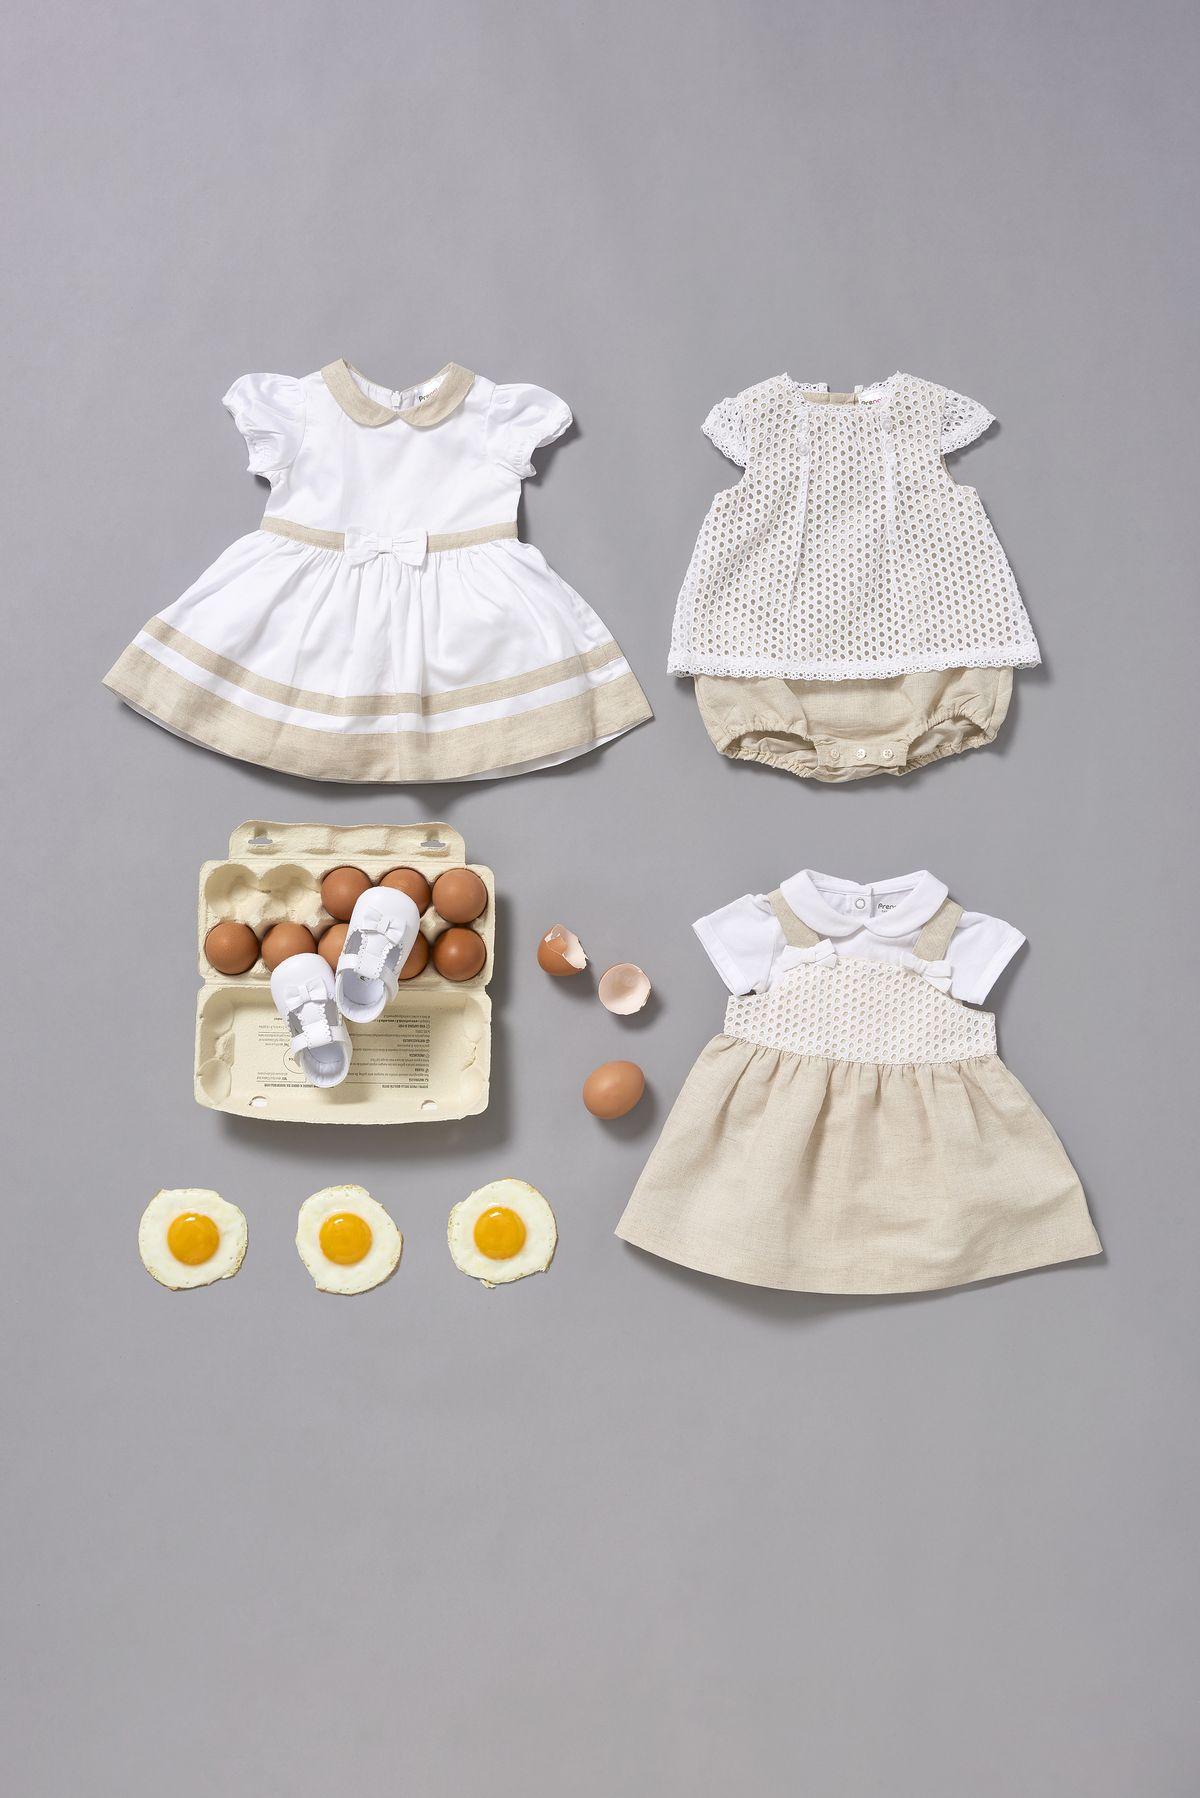 Vestiti Cerimonia Neonato Prenatal.Tr61a56 Neonata Abiti Cerimonia Prenatal In Pizzo Tradelinefx Com